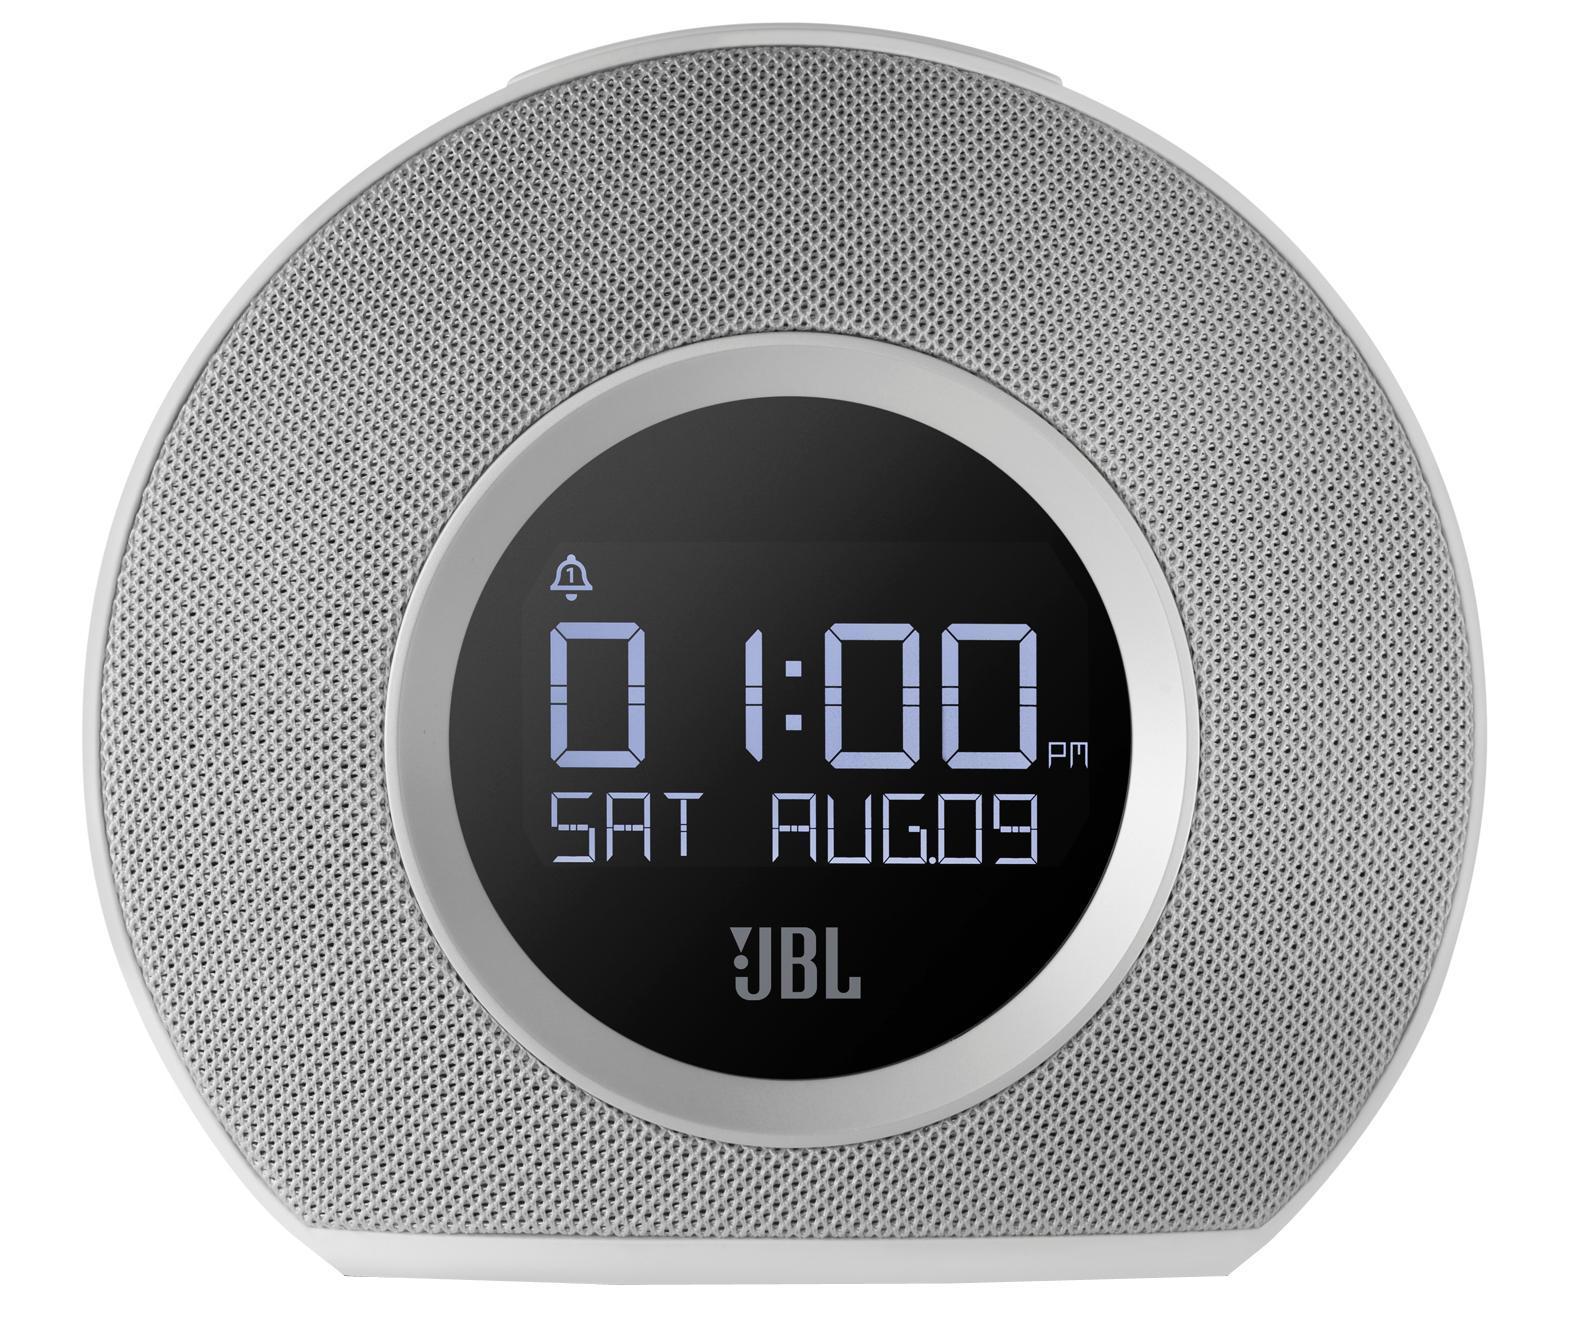 JBL Horizon, White портативная акустическая система6925281901256Два будильника В Horizon встроены два независимых будильника. Просыпаться можно благодаря трем предустановленными сигналами, FM приемнику, музыке на вашем телефоне или традиционному сигналу будильника. JBL Horizon предлагает пять программируемых пресетов FM радио, а также может передавать музыку без проводов с любого телефона или планшета с поддержкой Bluetooth. Компактный дизайн позволит разместить устройство в любом помещении, оно прекрасно впишется в любой интерьер. Два USB порта обеспечивают быструю зарядку любых подключенных устройств. Большая кнопка Snooze/Light в сочетании с четким ЖК-дисплеем делает использование JBL Horizon очень простым и понятным, а встроенная система резервного питания гарантирует, что вы всегда будете просыпаться, даже во время отключения электроэнергии.